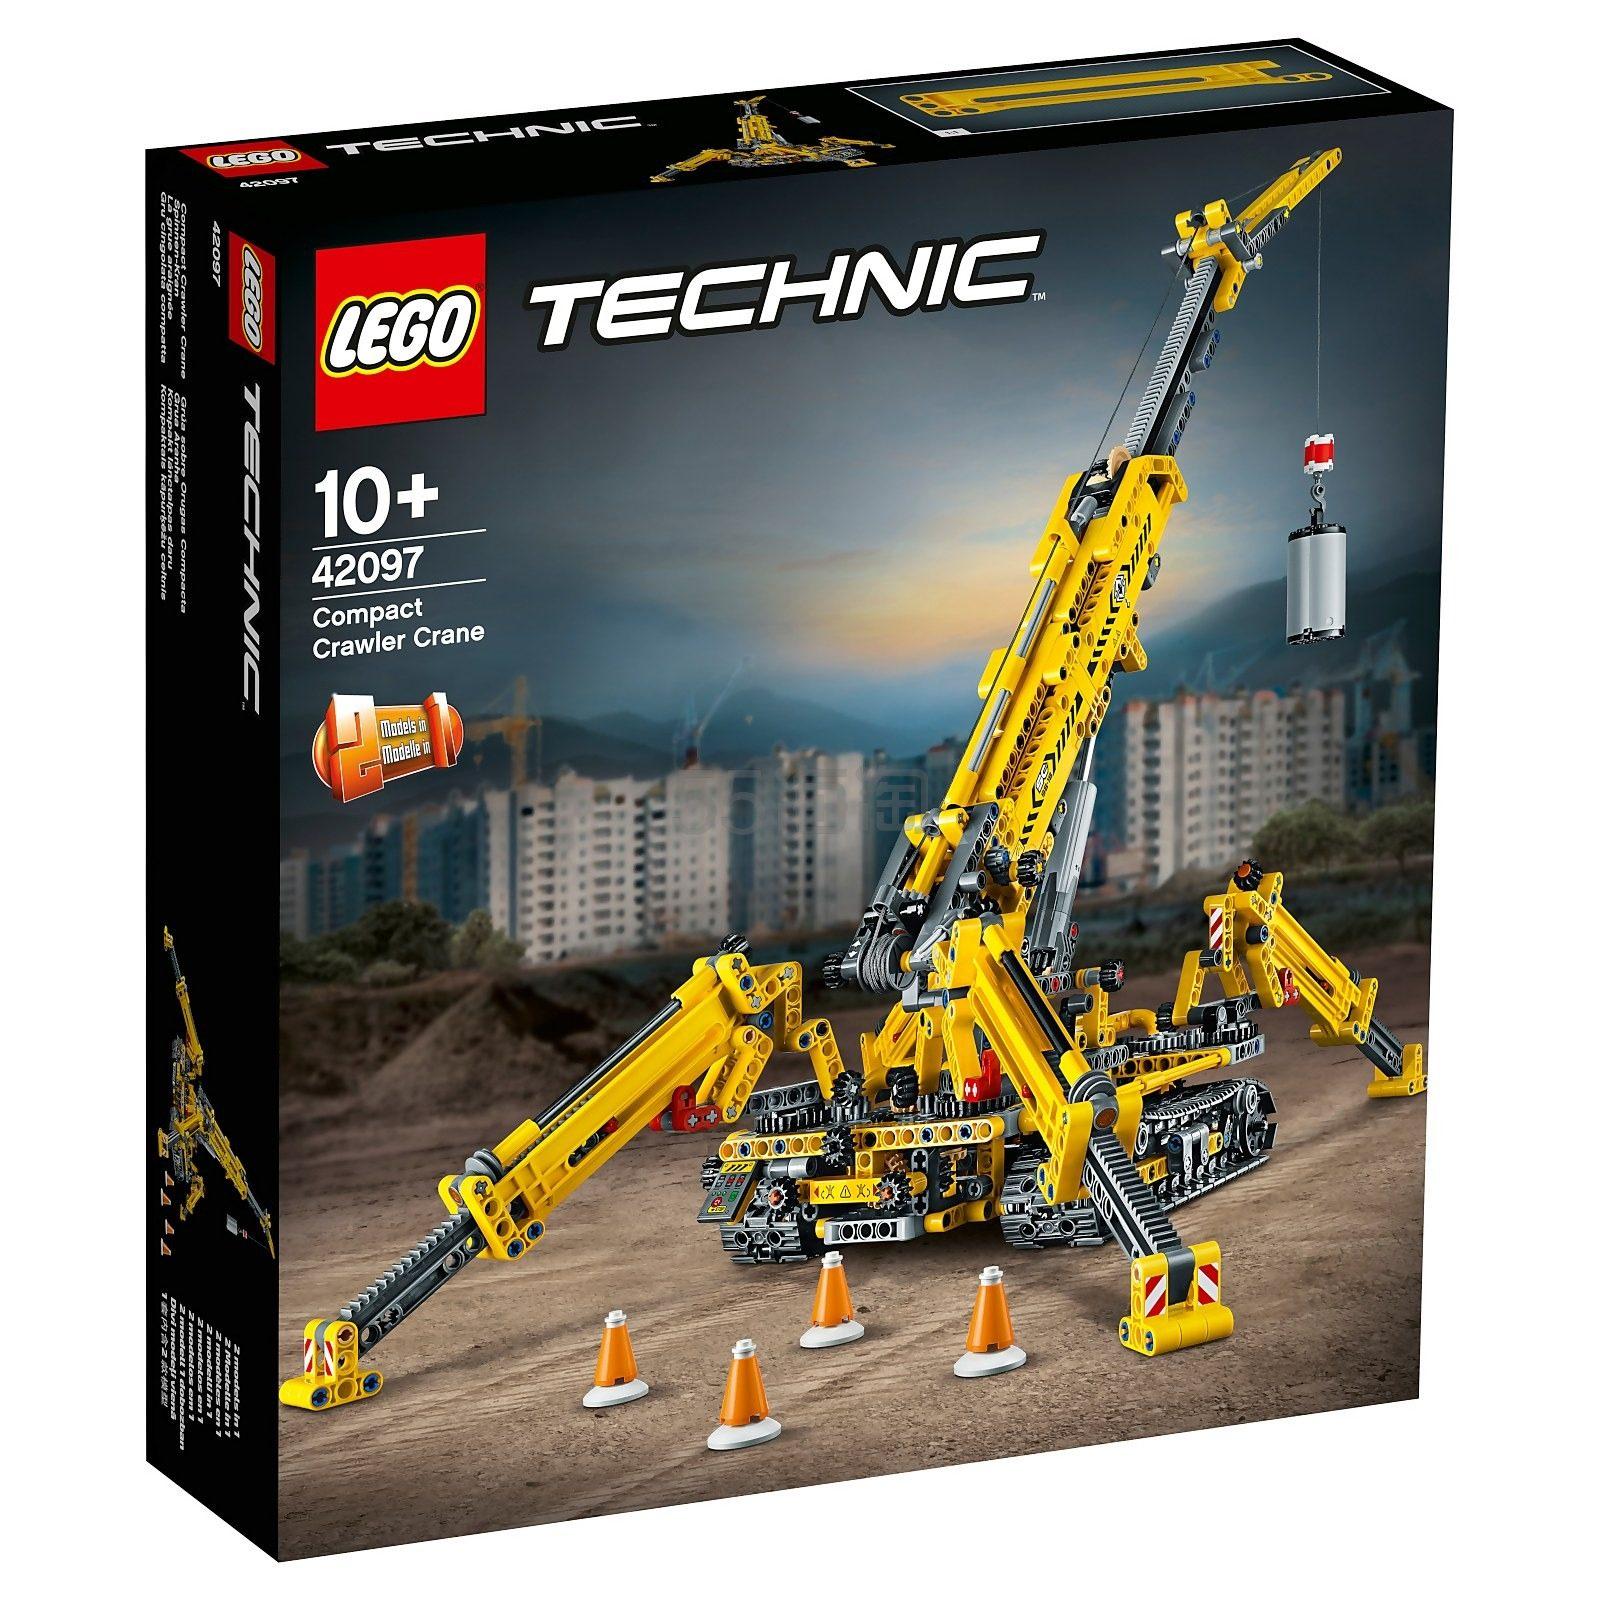 新品!LEGO 乐高 科技系列 精巧型履带起重机 (42097)